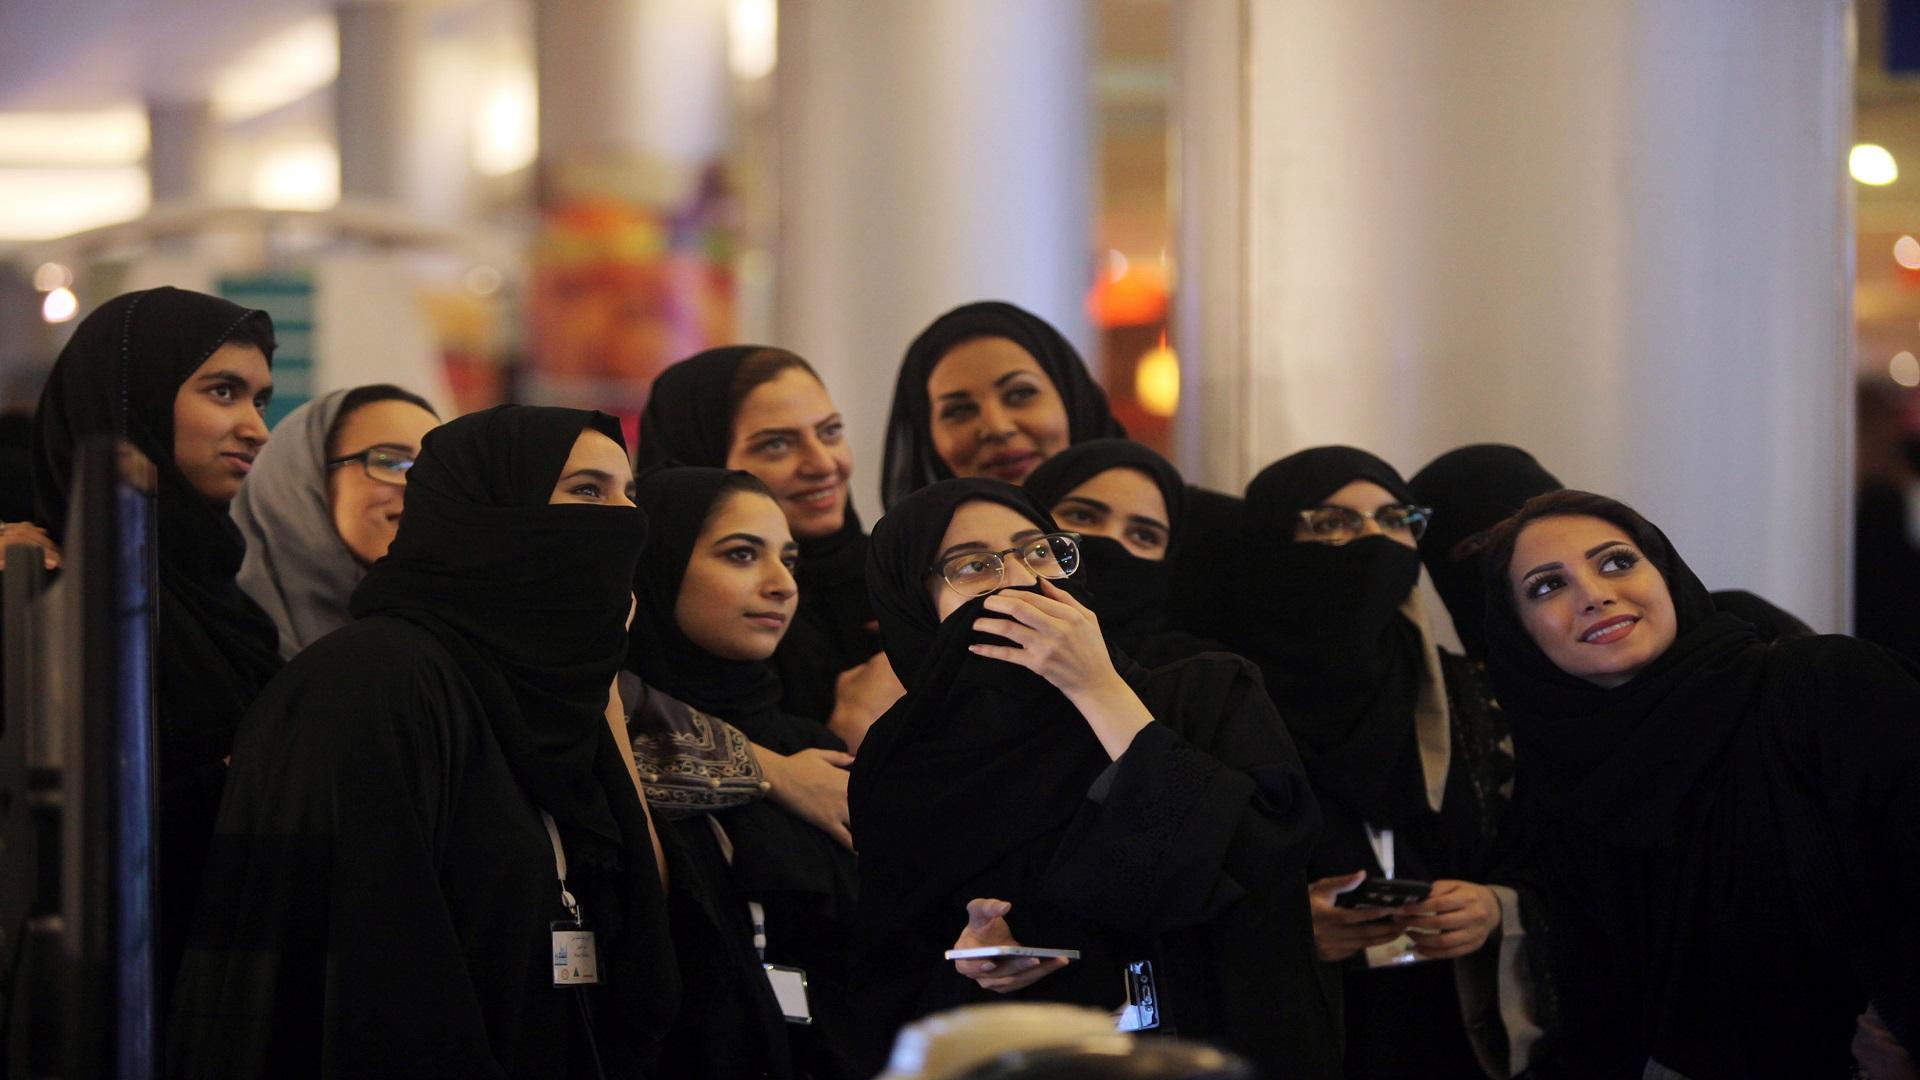 السعودية تسمح للنساء بالحصول على تأشيرة سياحية «بدون محرم»